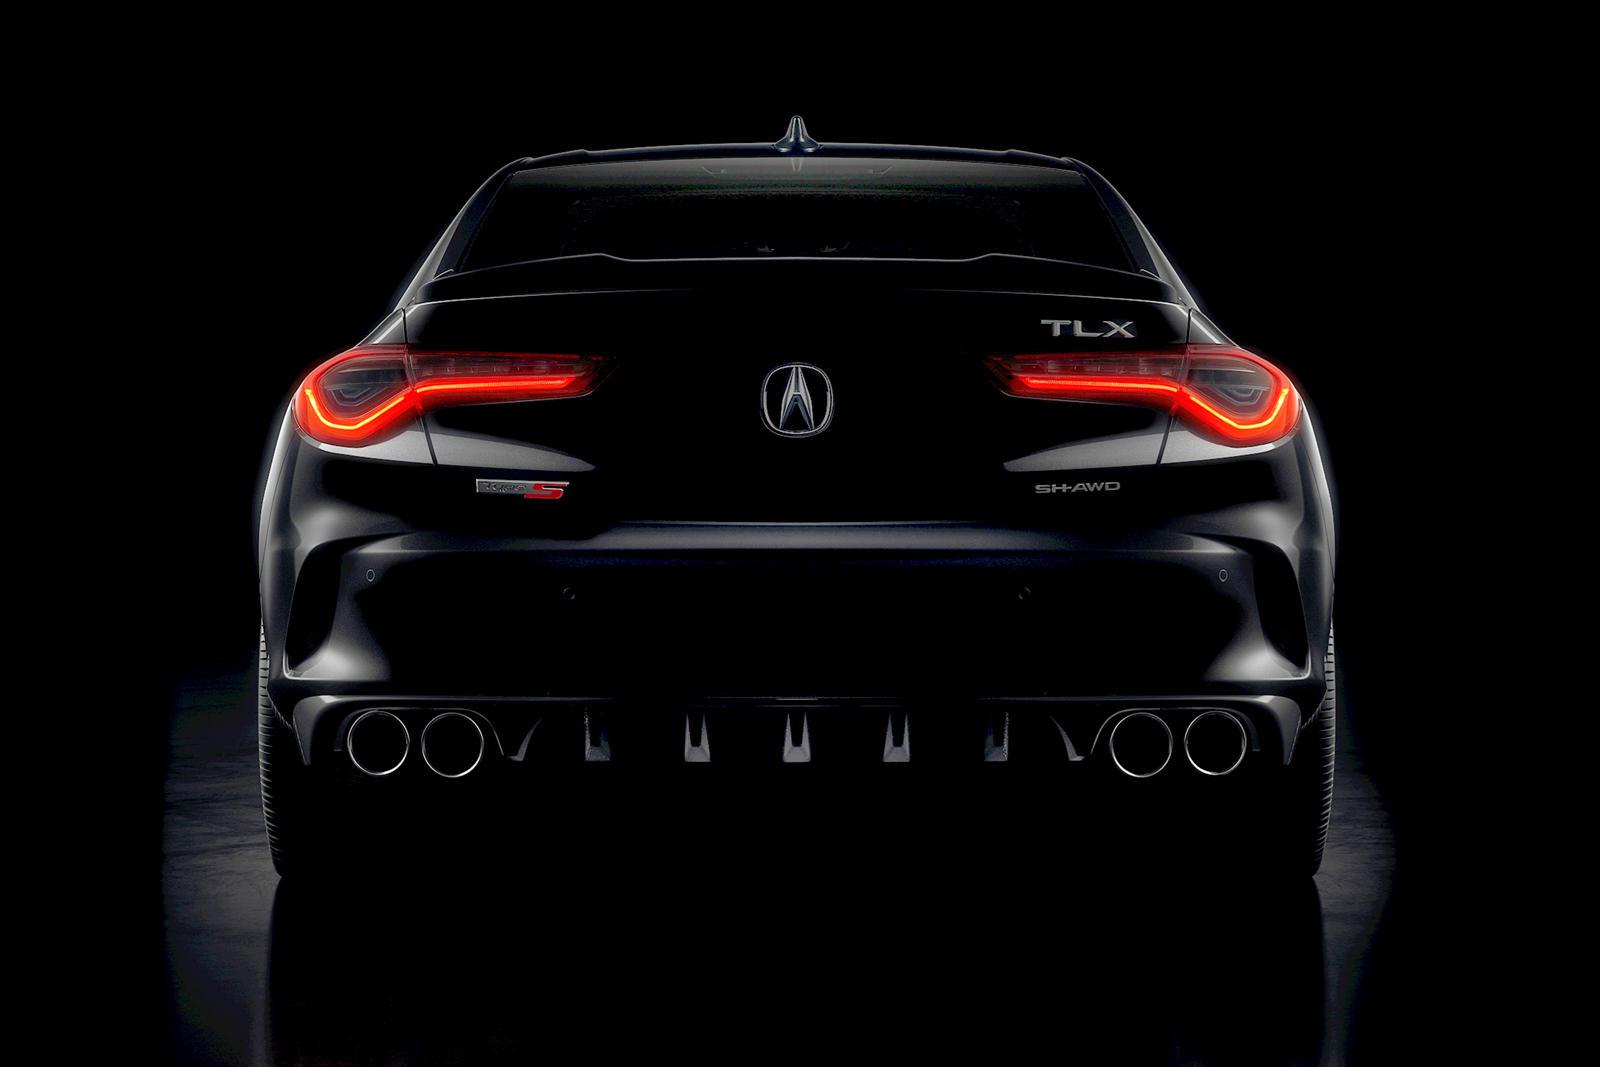 2021 Acura Tl Performance